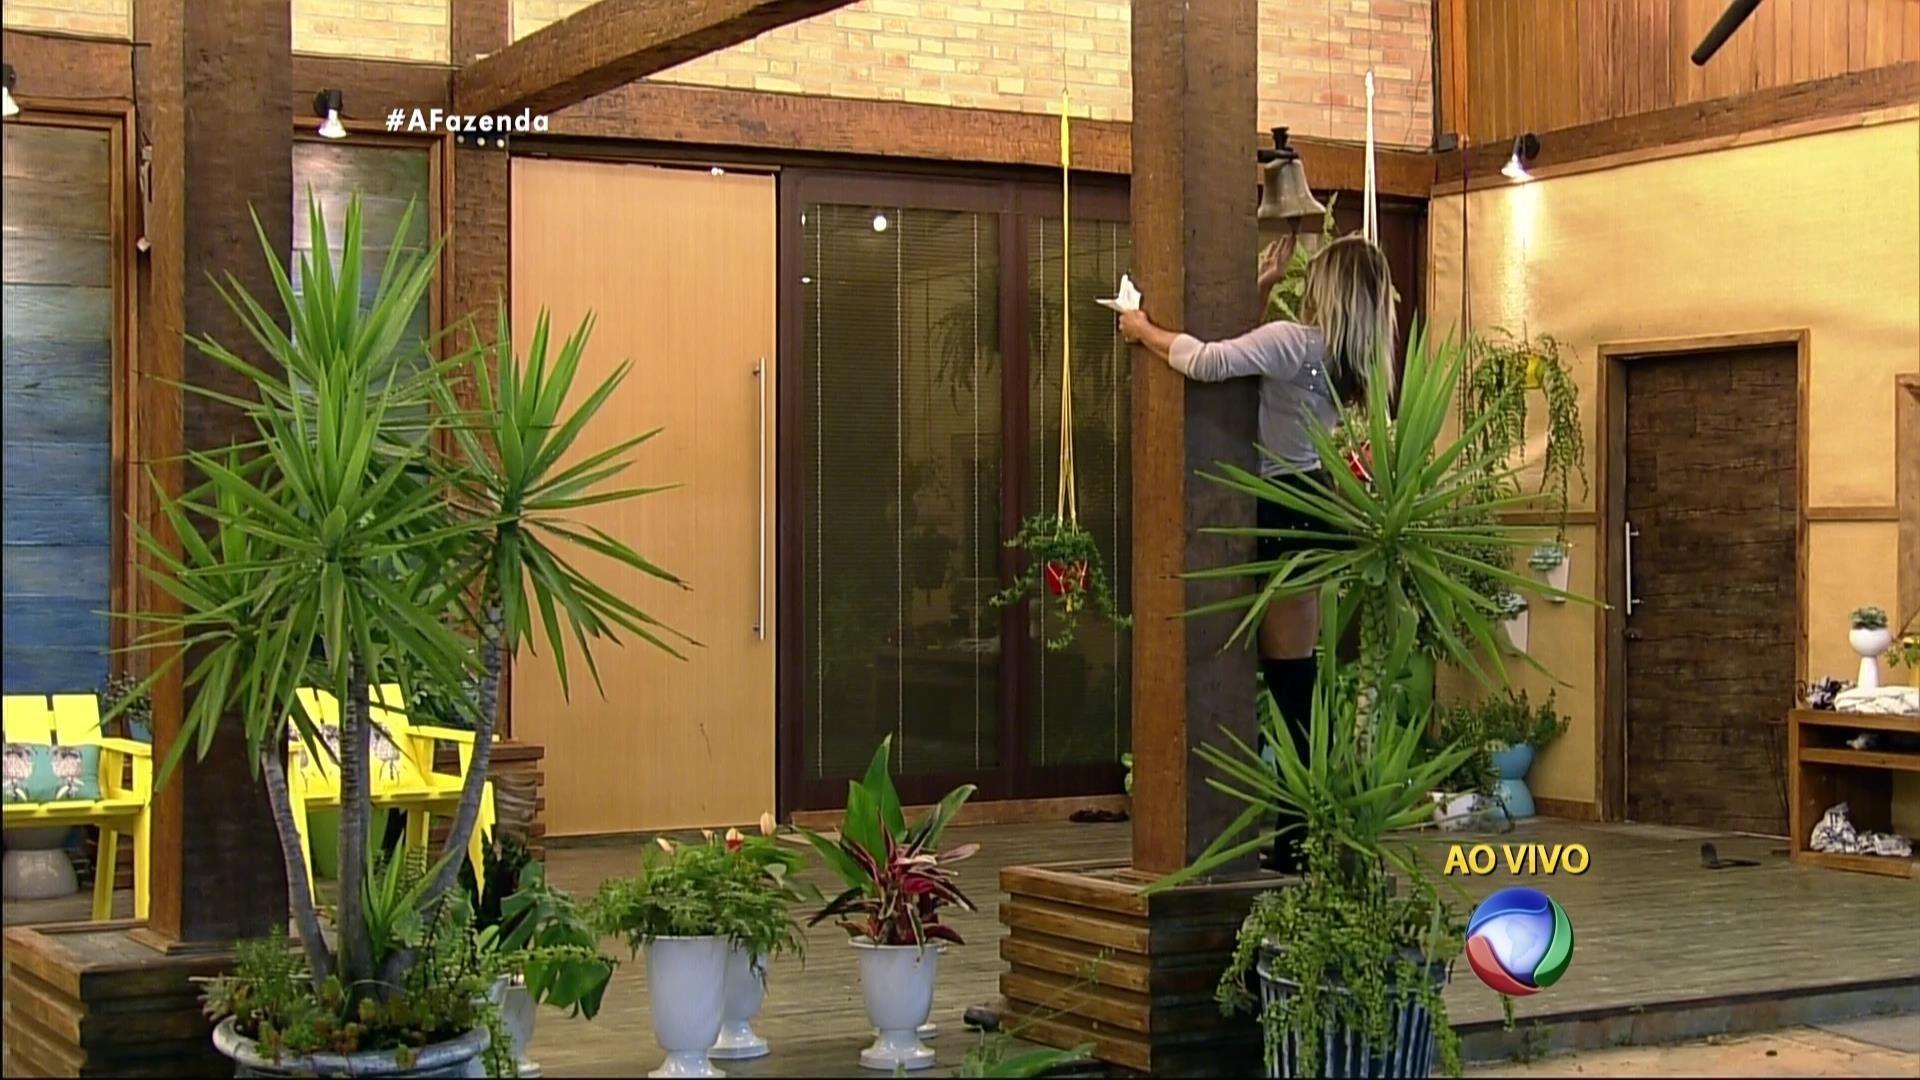 5.dez.2015 - Emocionada, Ana Paula voltou para a casa sede, tocou o sino e gritou: